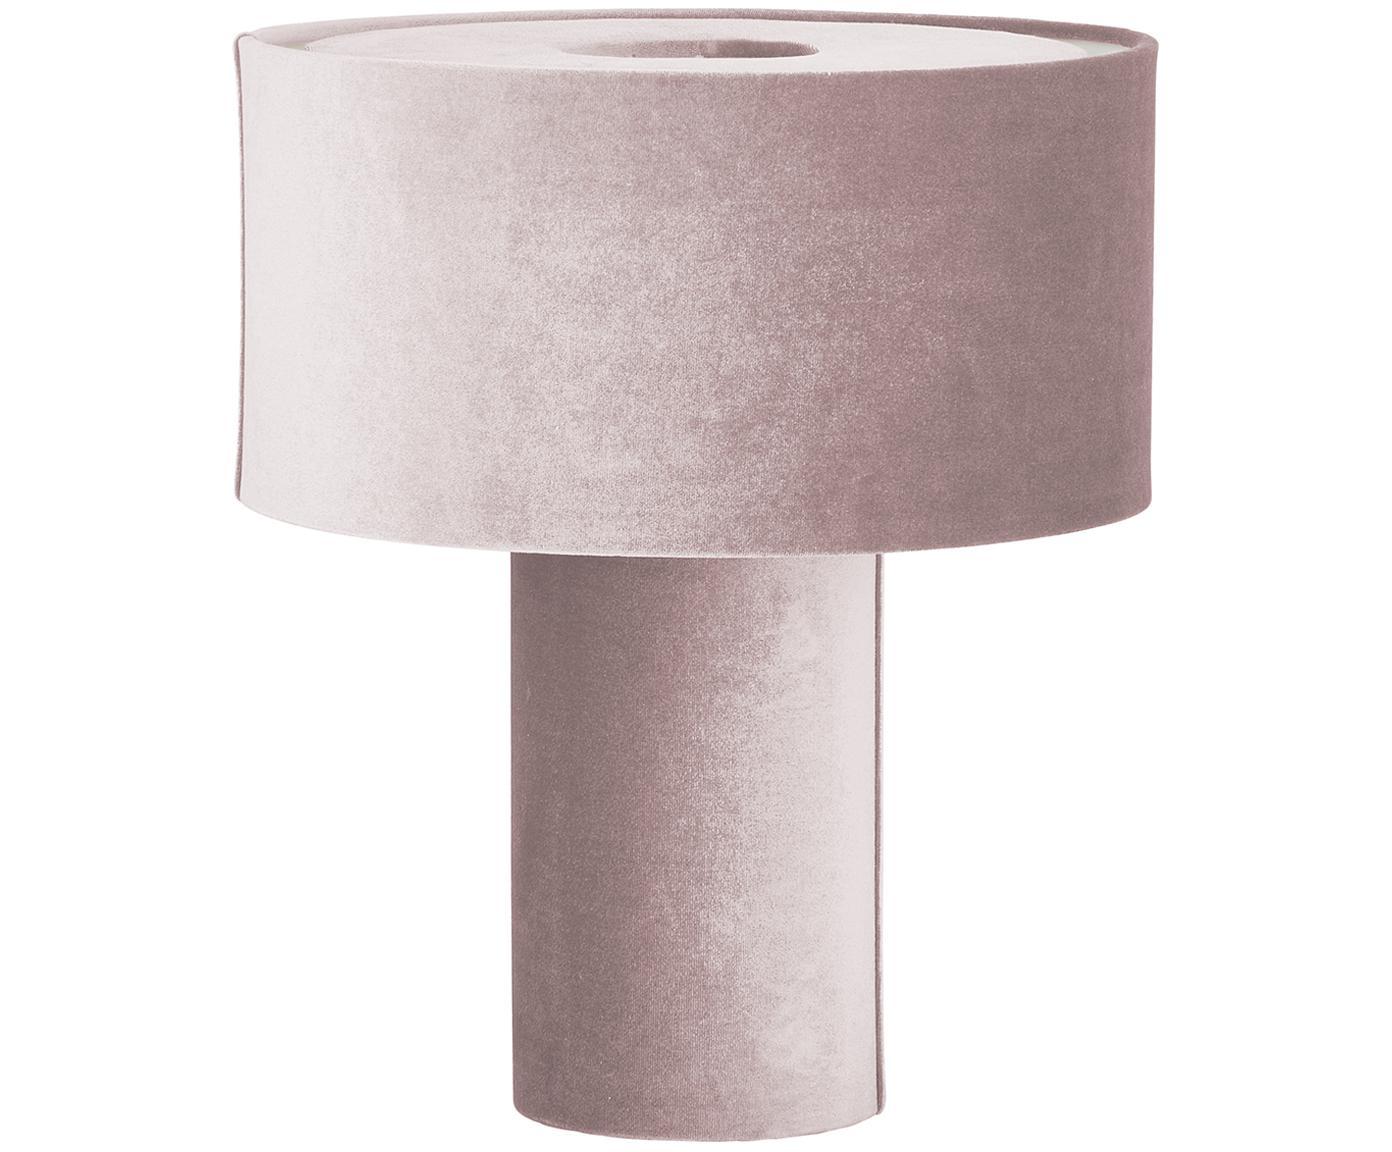 Samt-Tischleuchte Frida, Lampenfuß: Kunststoff mit Samtbezug, Lampenschirm: Samt, Rosa, Ø 30 x H 36 cm